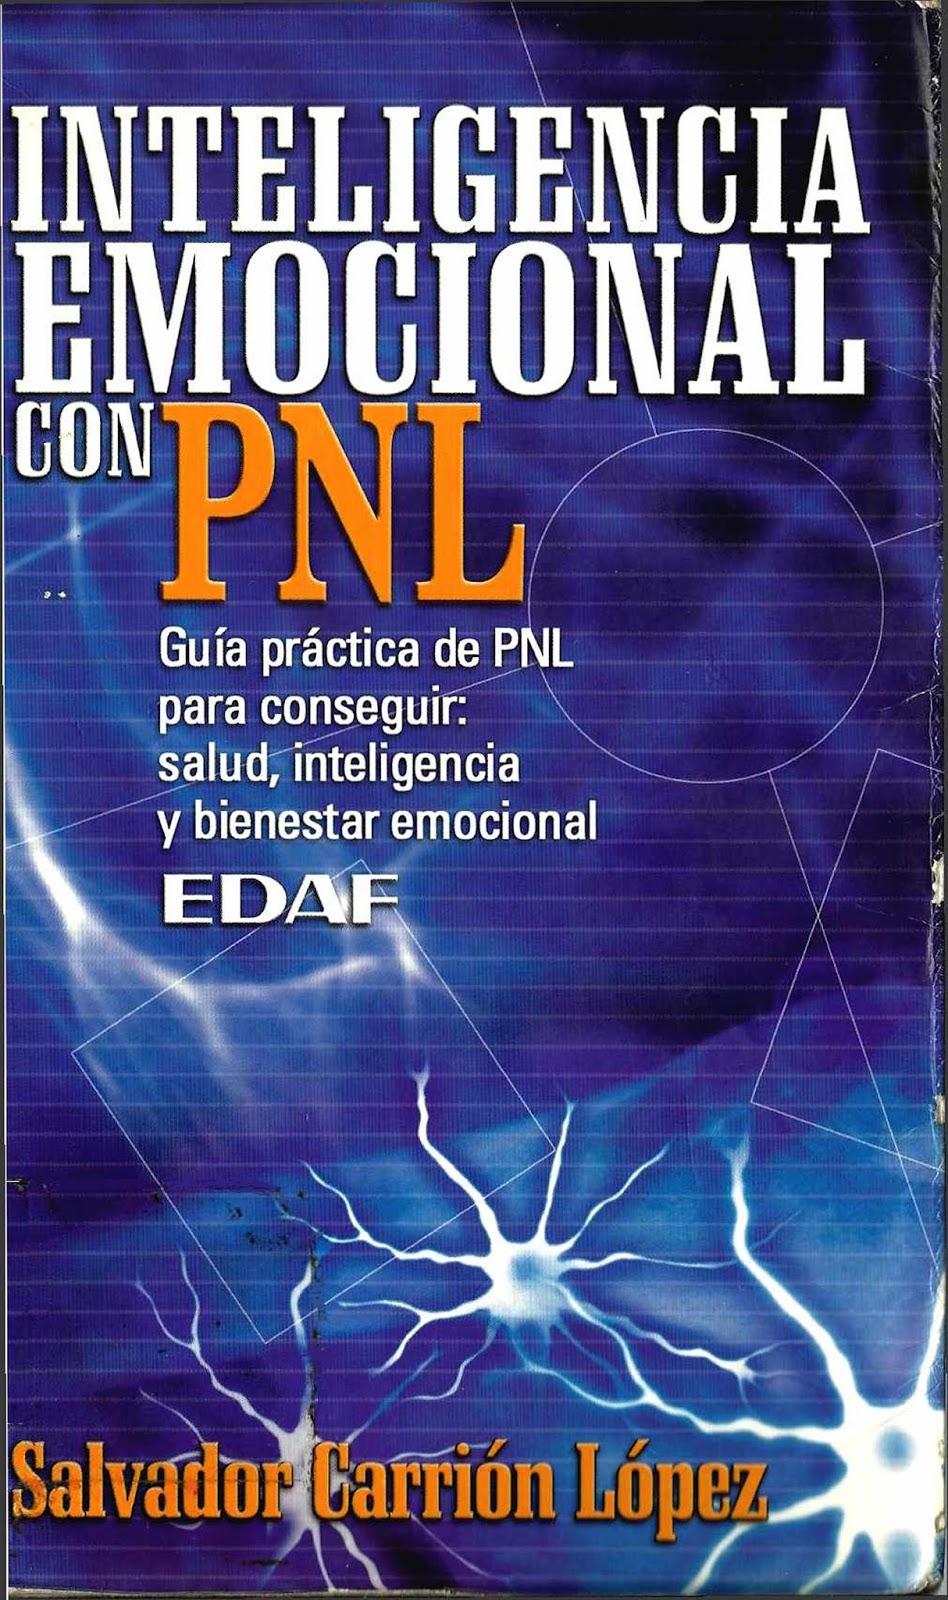 Inteligencia emocional con PNL: Guía practica de PNL para conseguir: Salud, inteligencia y bienestar emocional – Salvador Carrión López